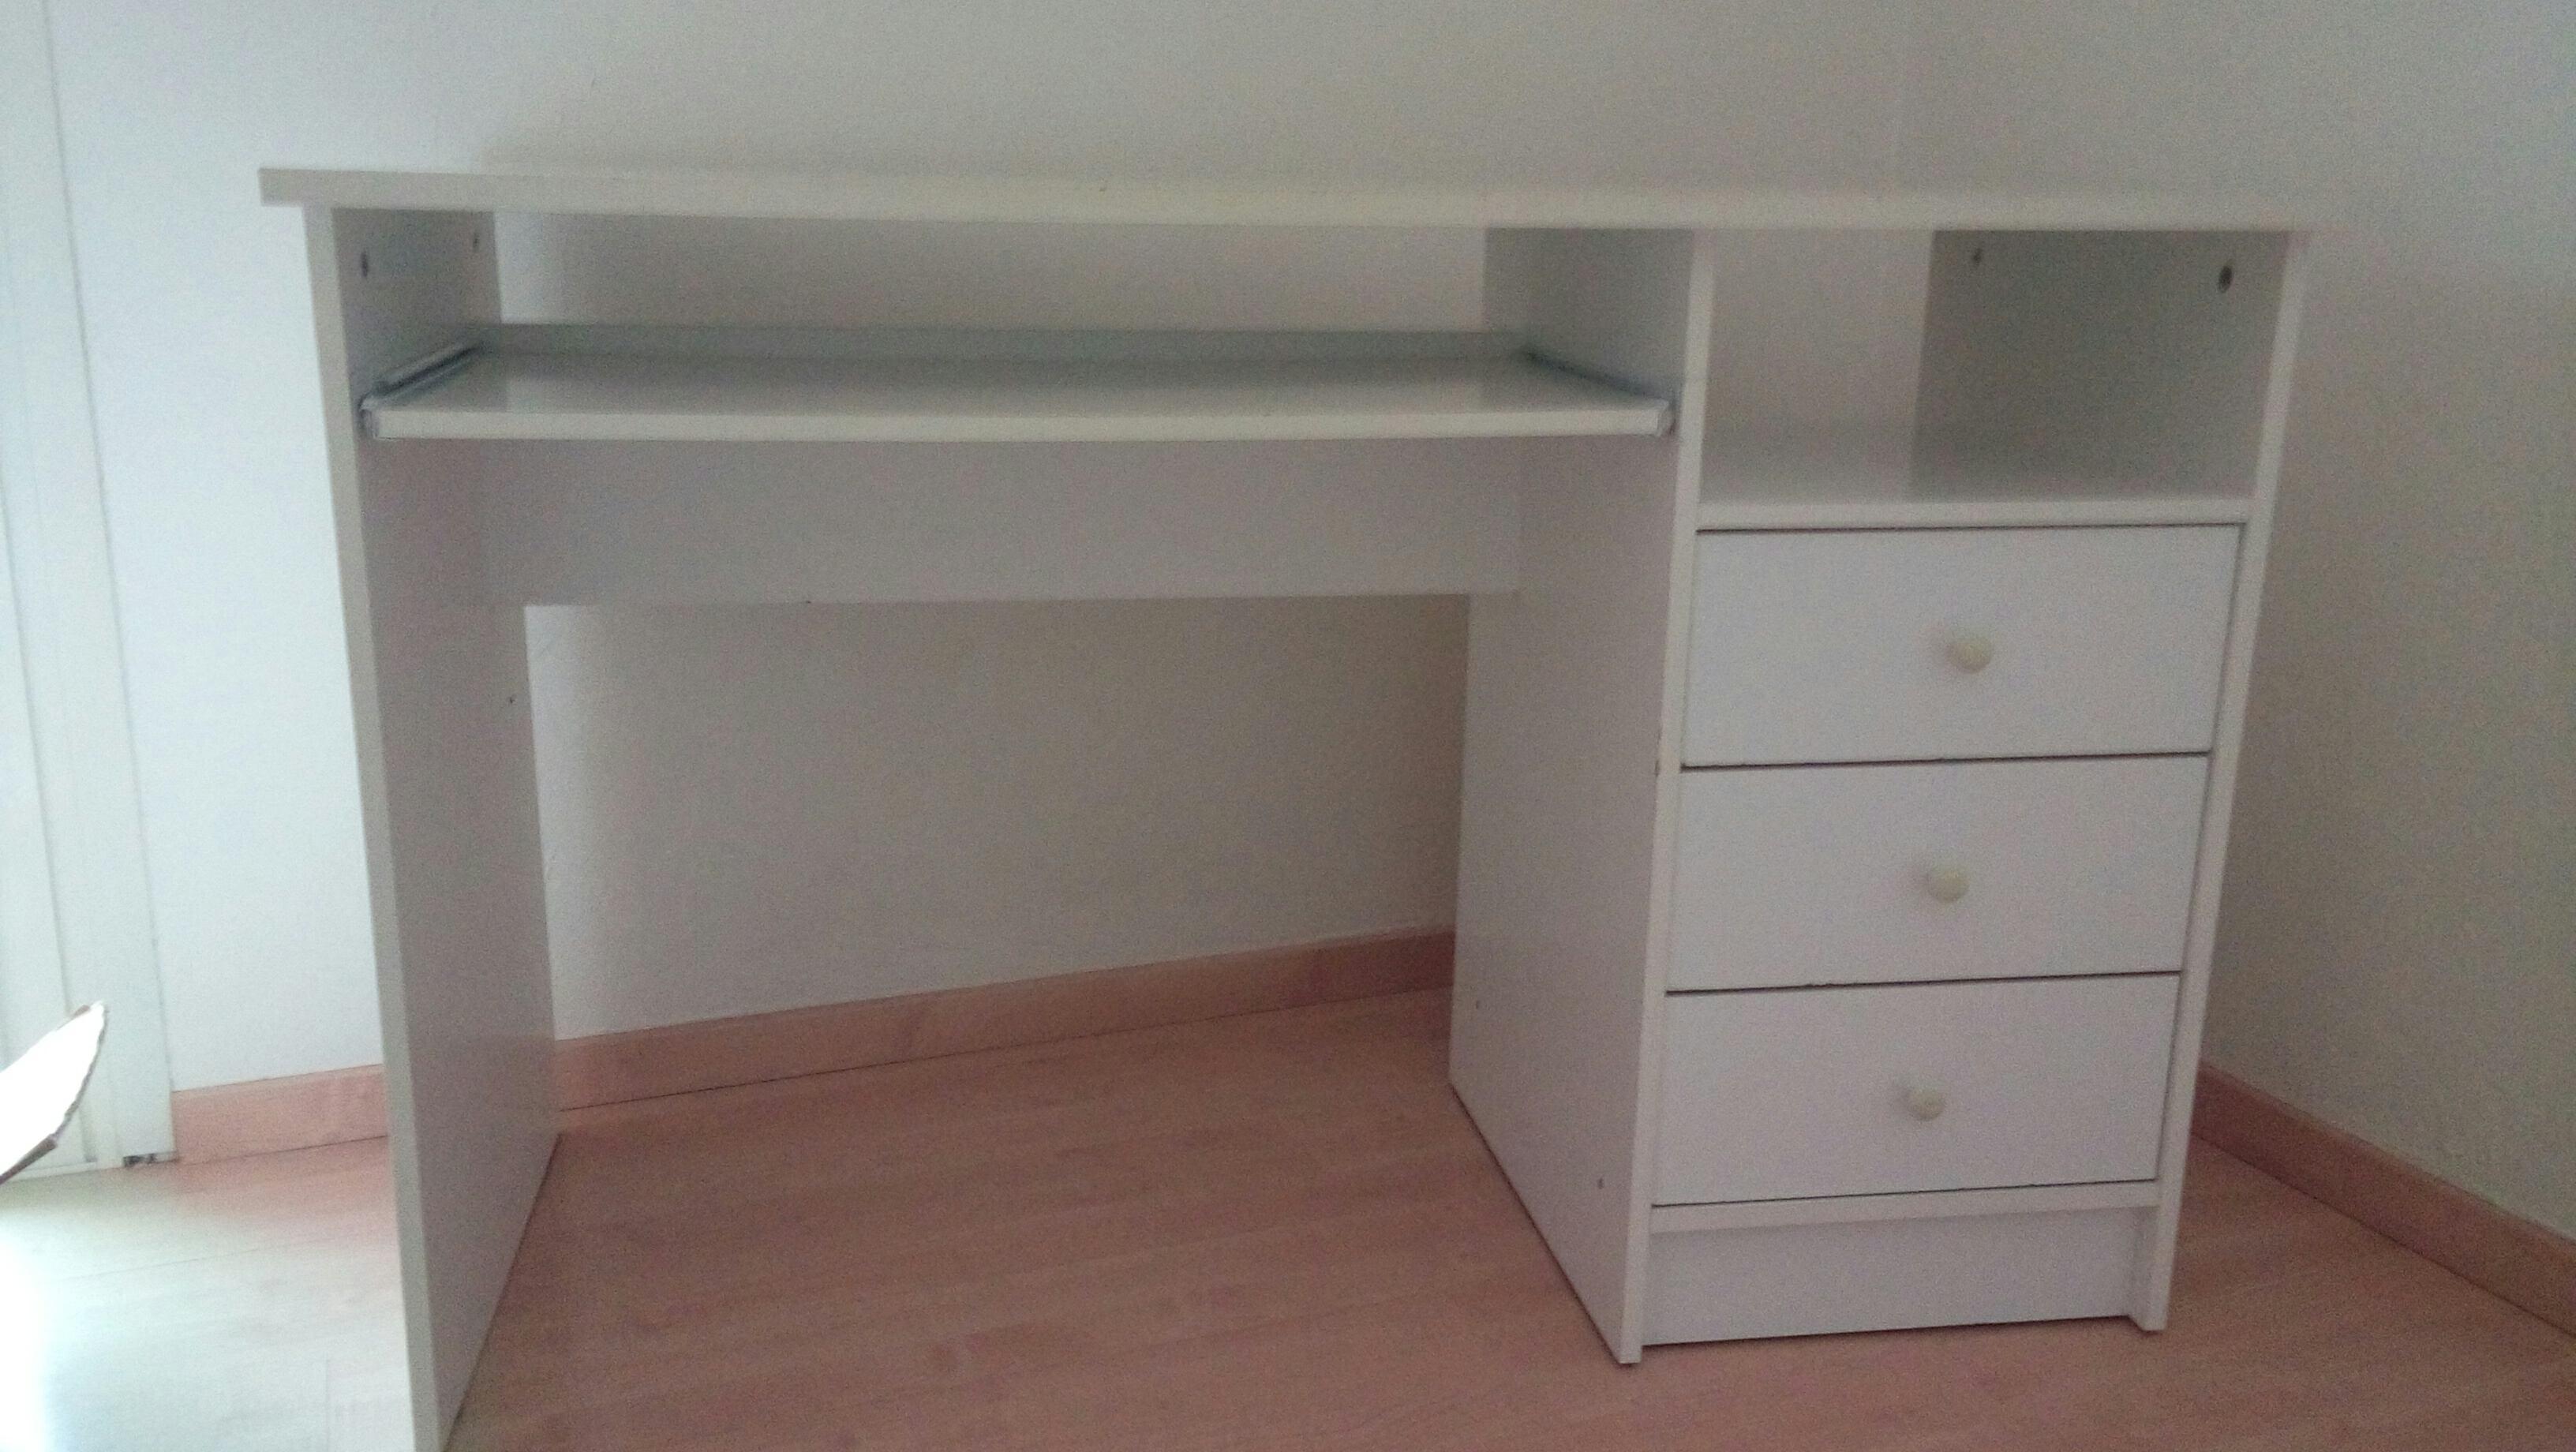 Bureau blanc a vendre: bureaux informatiques bureau en coin a vendre